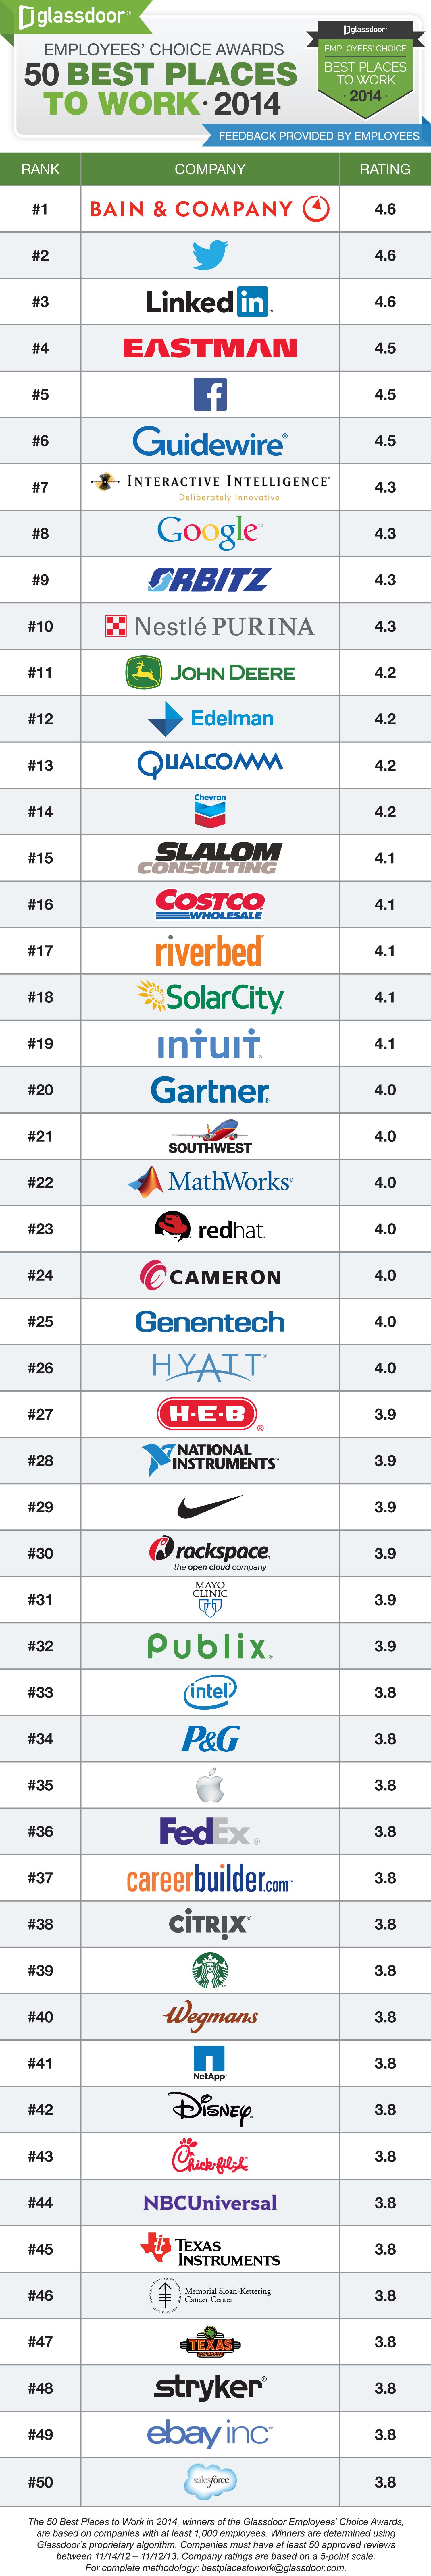 Glassdoor 50 Best Places to Work 2014